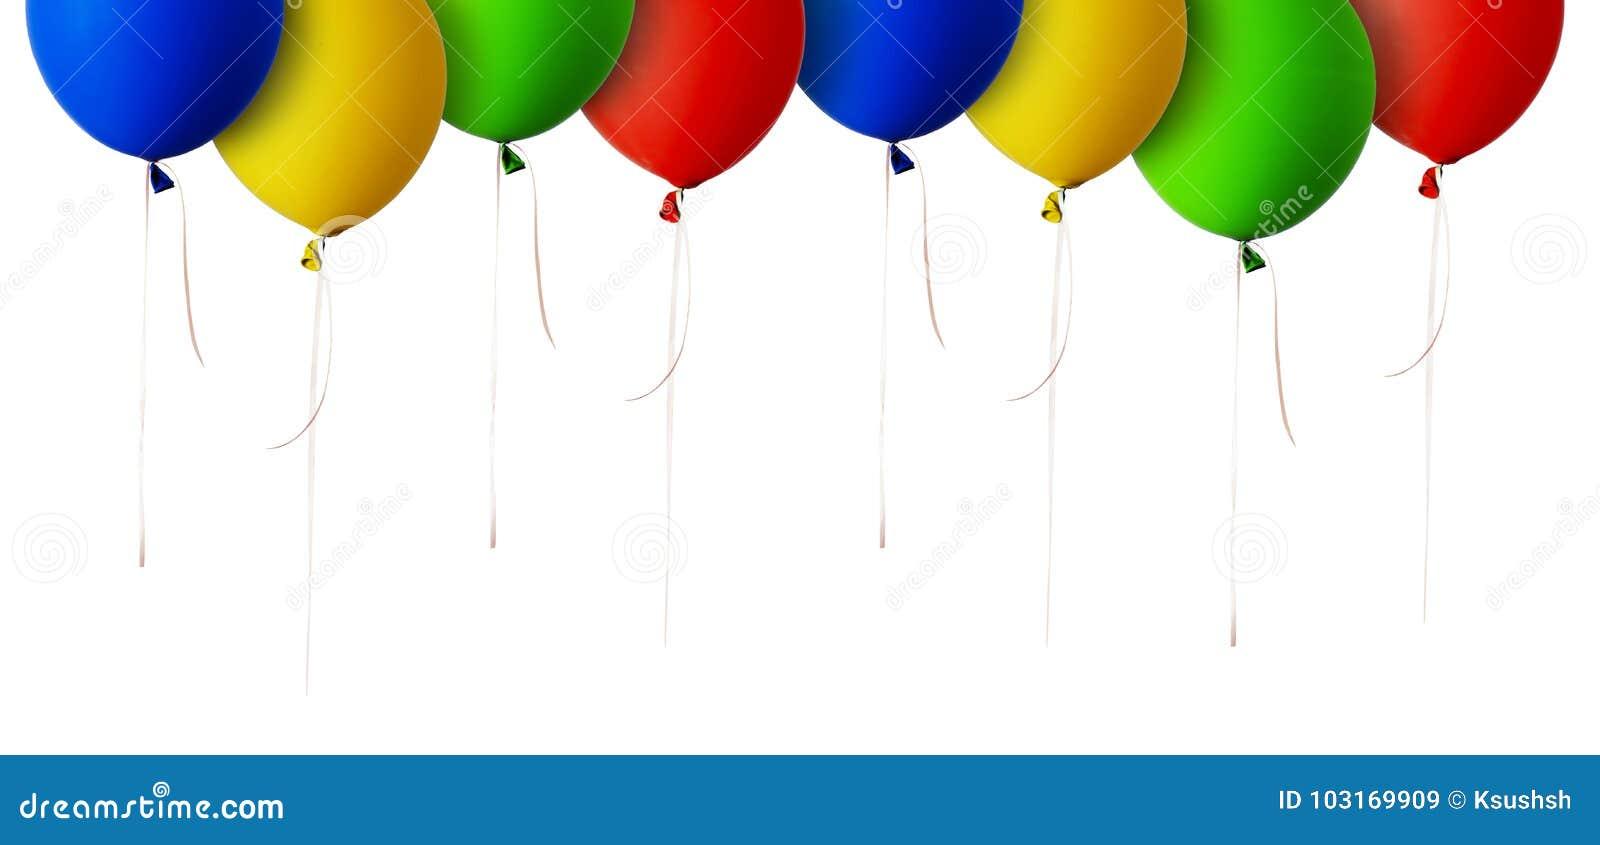 Frontière rouge, bleue, verte et jaune de ballons